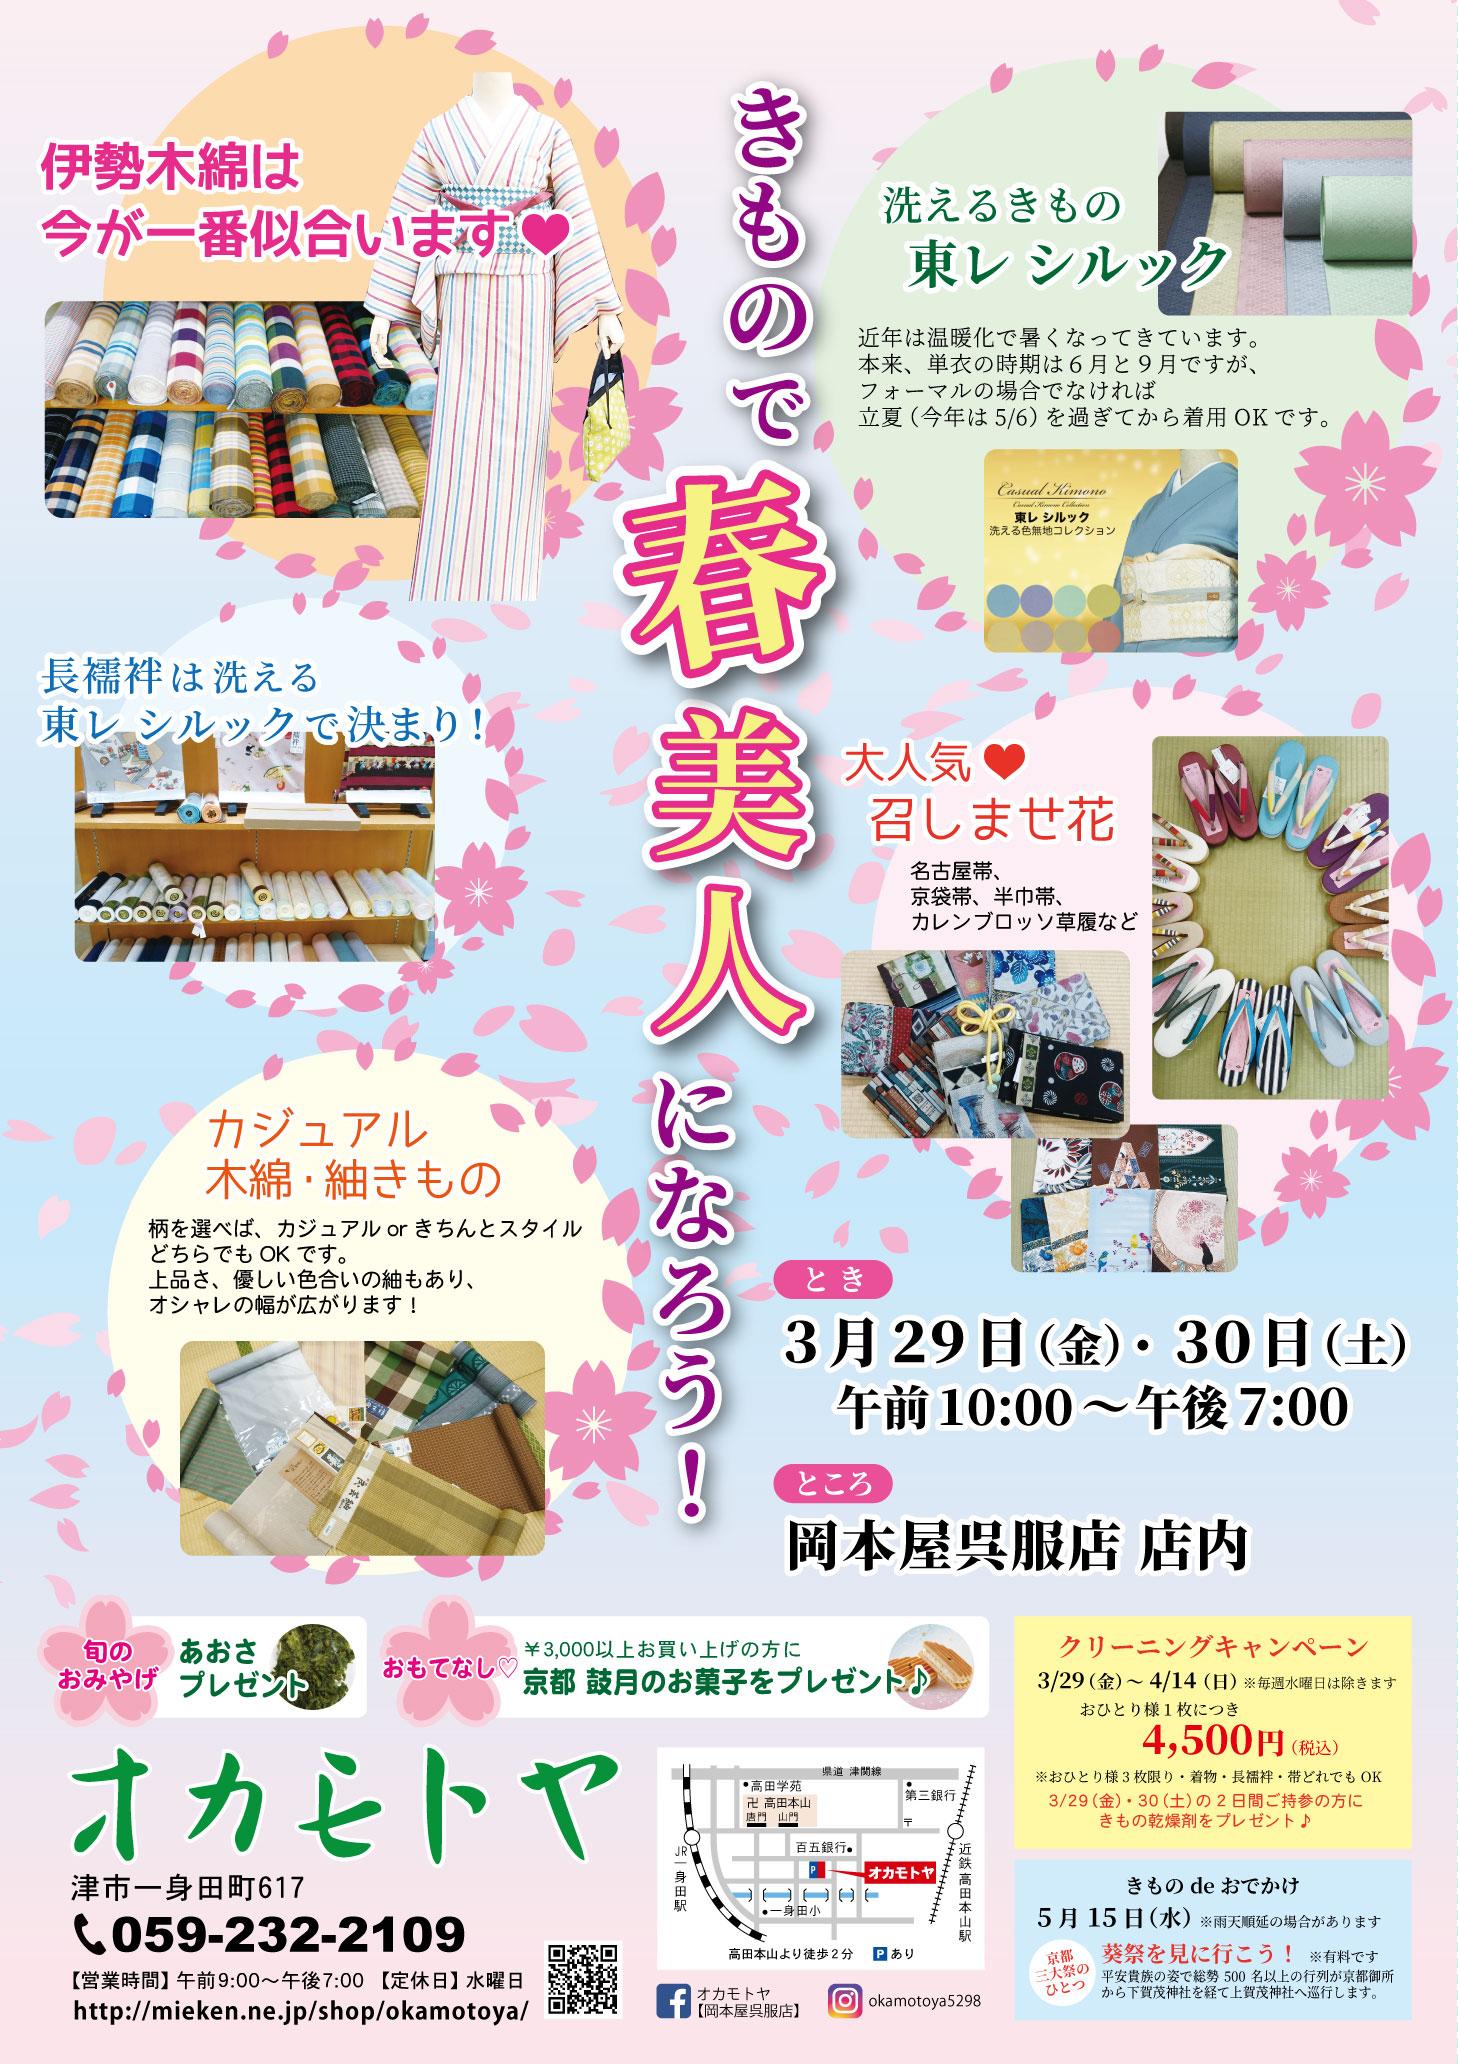 「着物カジュアル展」開催♪ 3/29・3/30の10時から♪